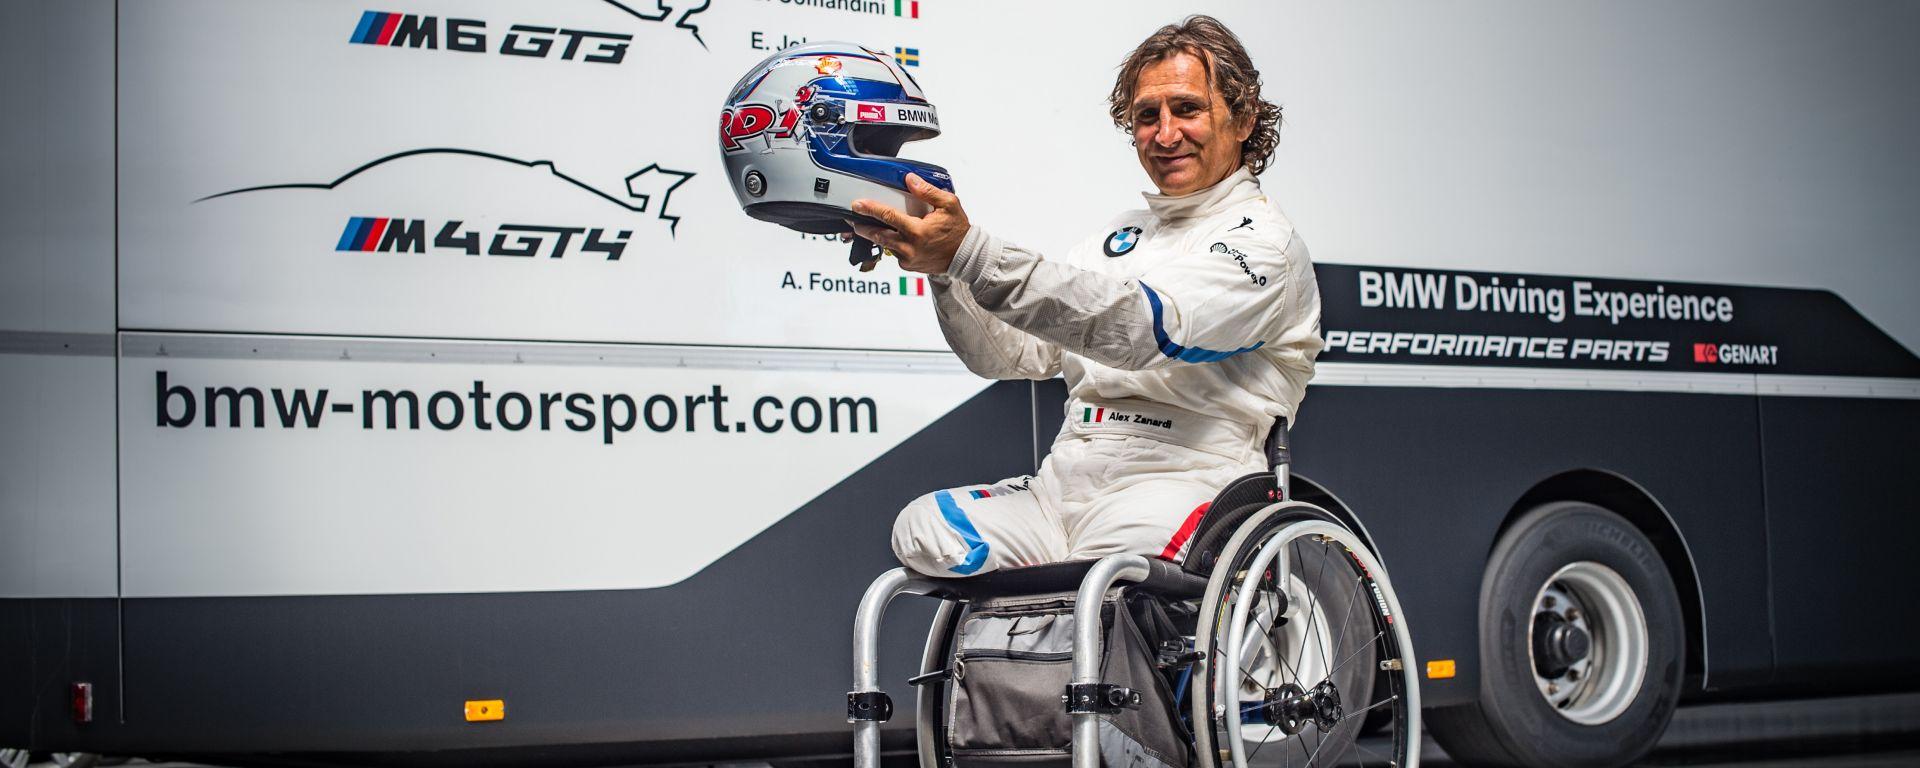 GT Italiano 2019, Alex Zanardi sarà impegnato al volante della Bmw M6 GT3 nella tappa del Mugello